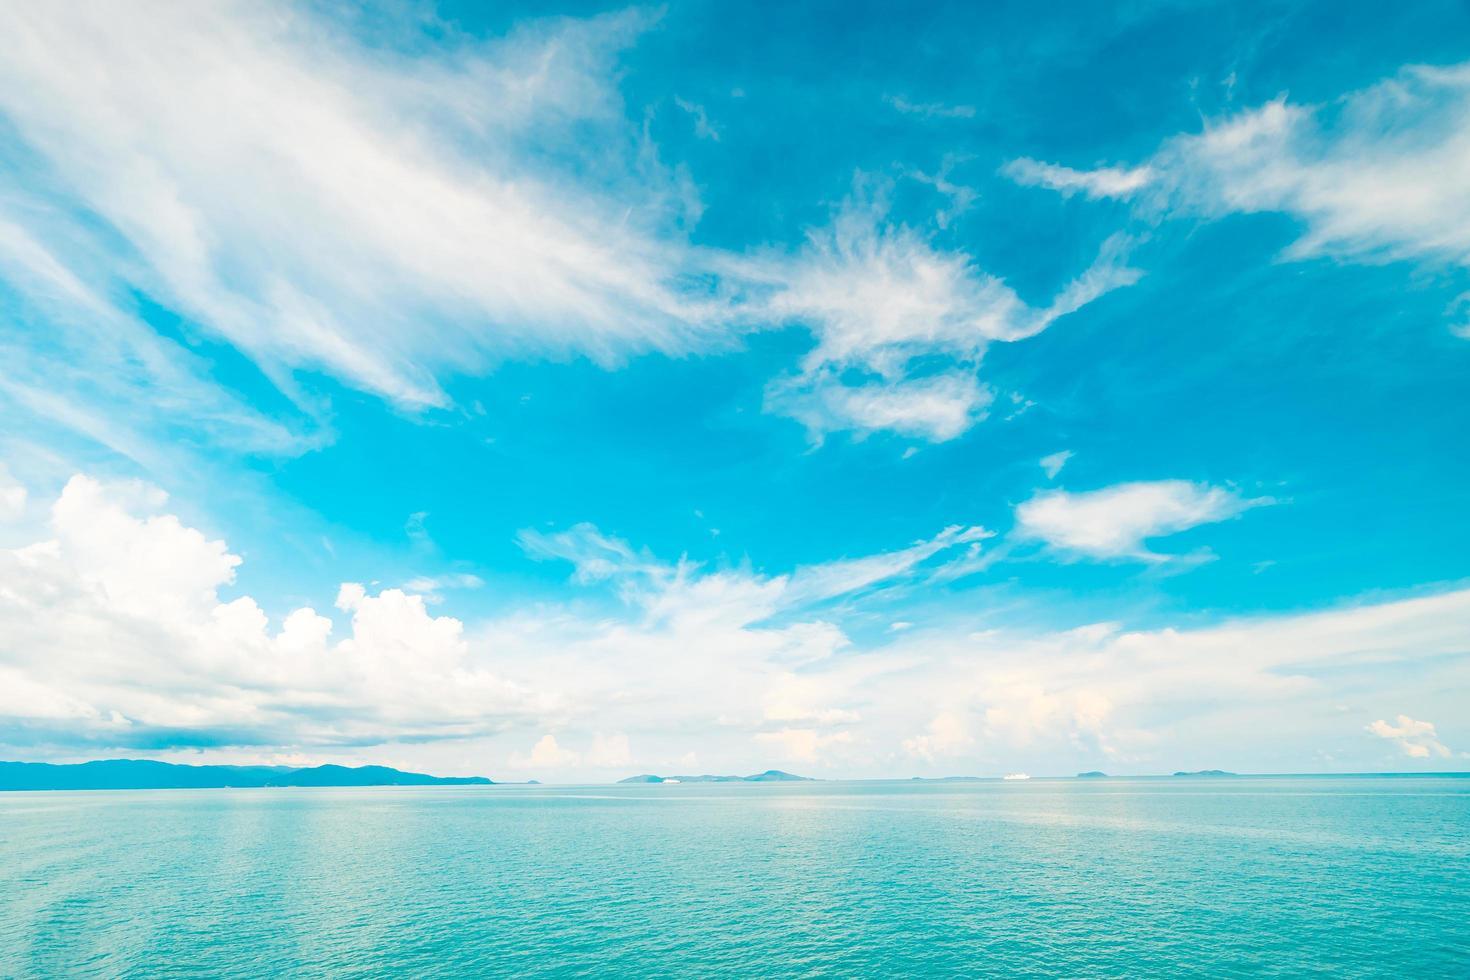 vackert vitt moln på blå himmel över havet foto